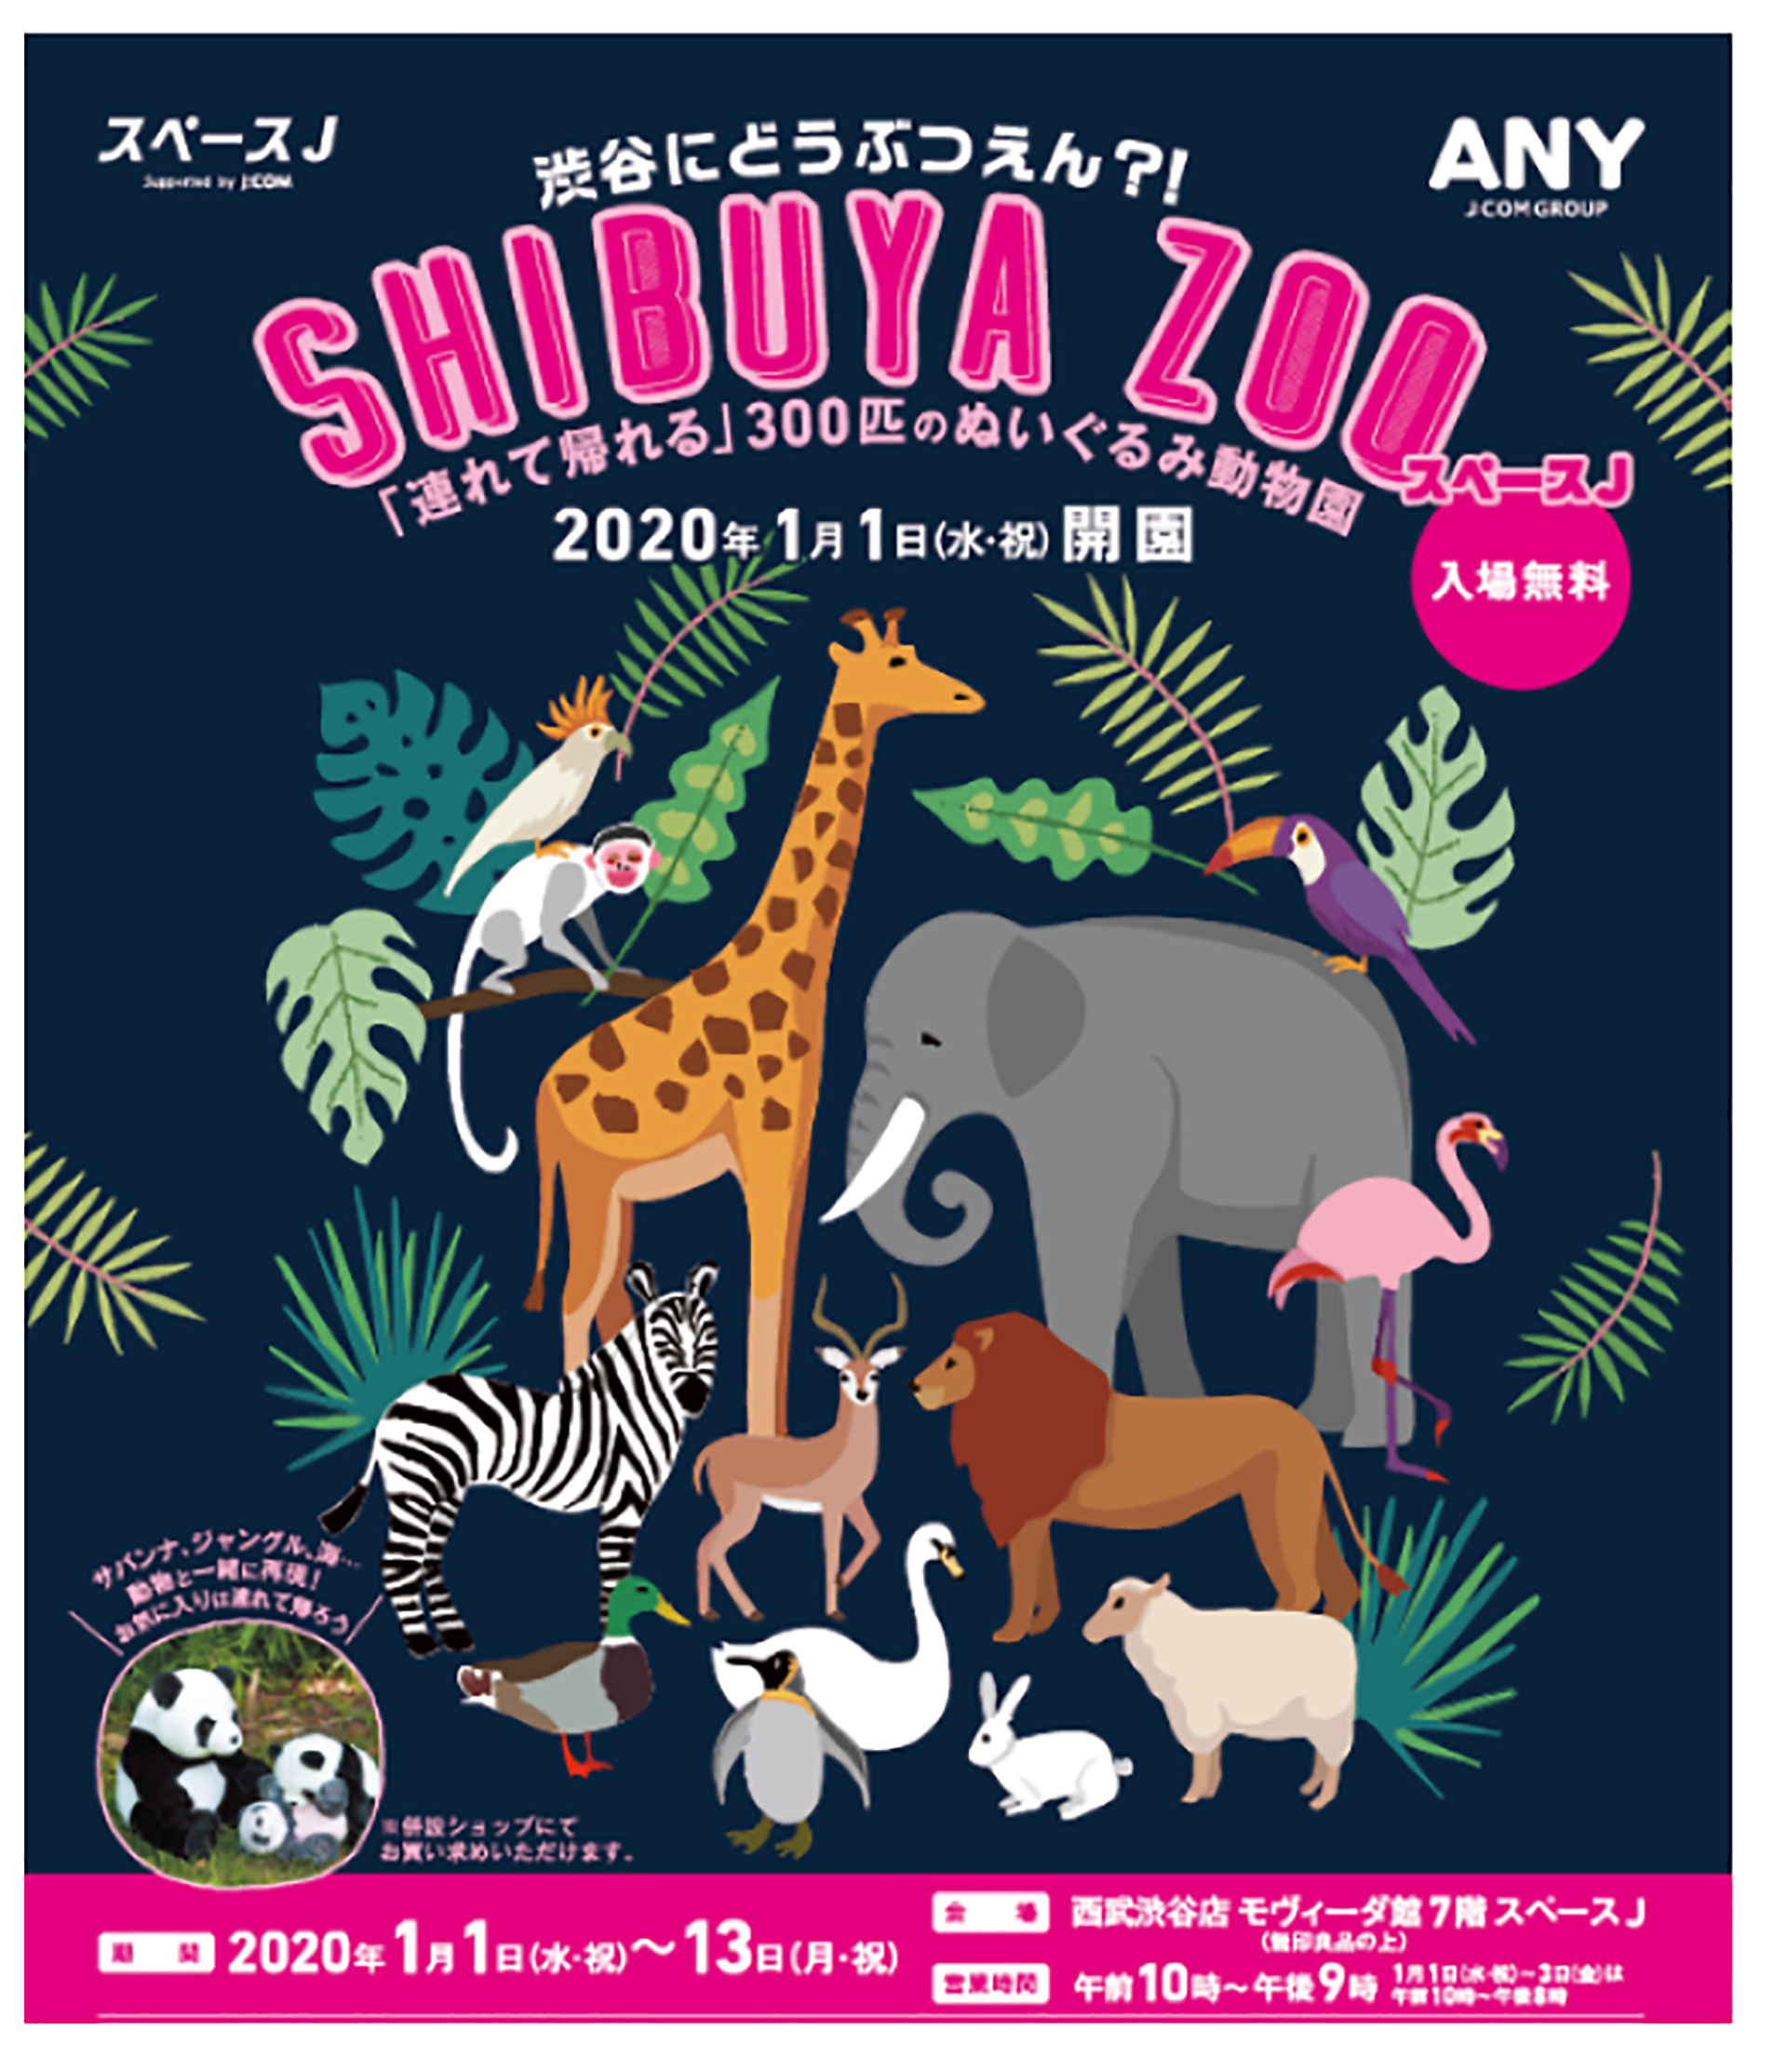 SHIBUYA ZOO スペースJバナー